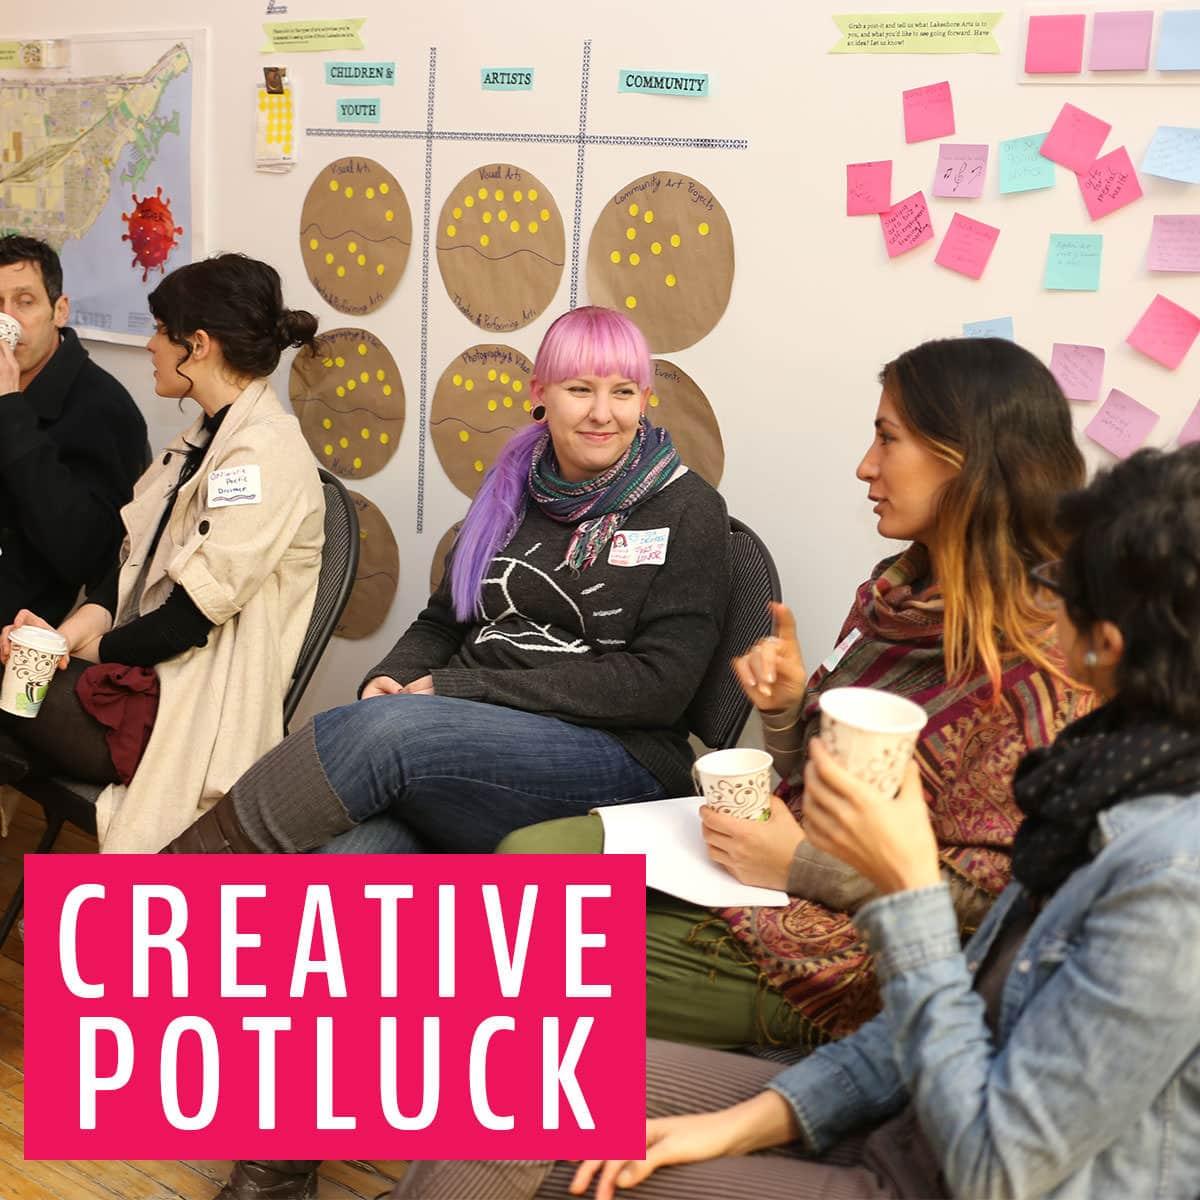 Creative Potluck